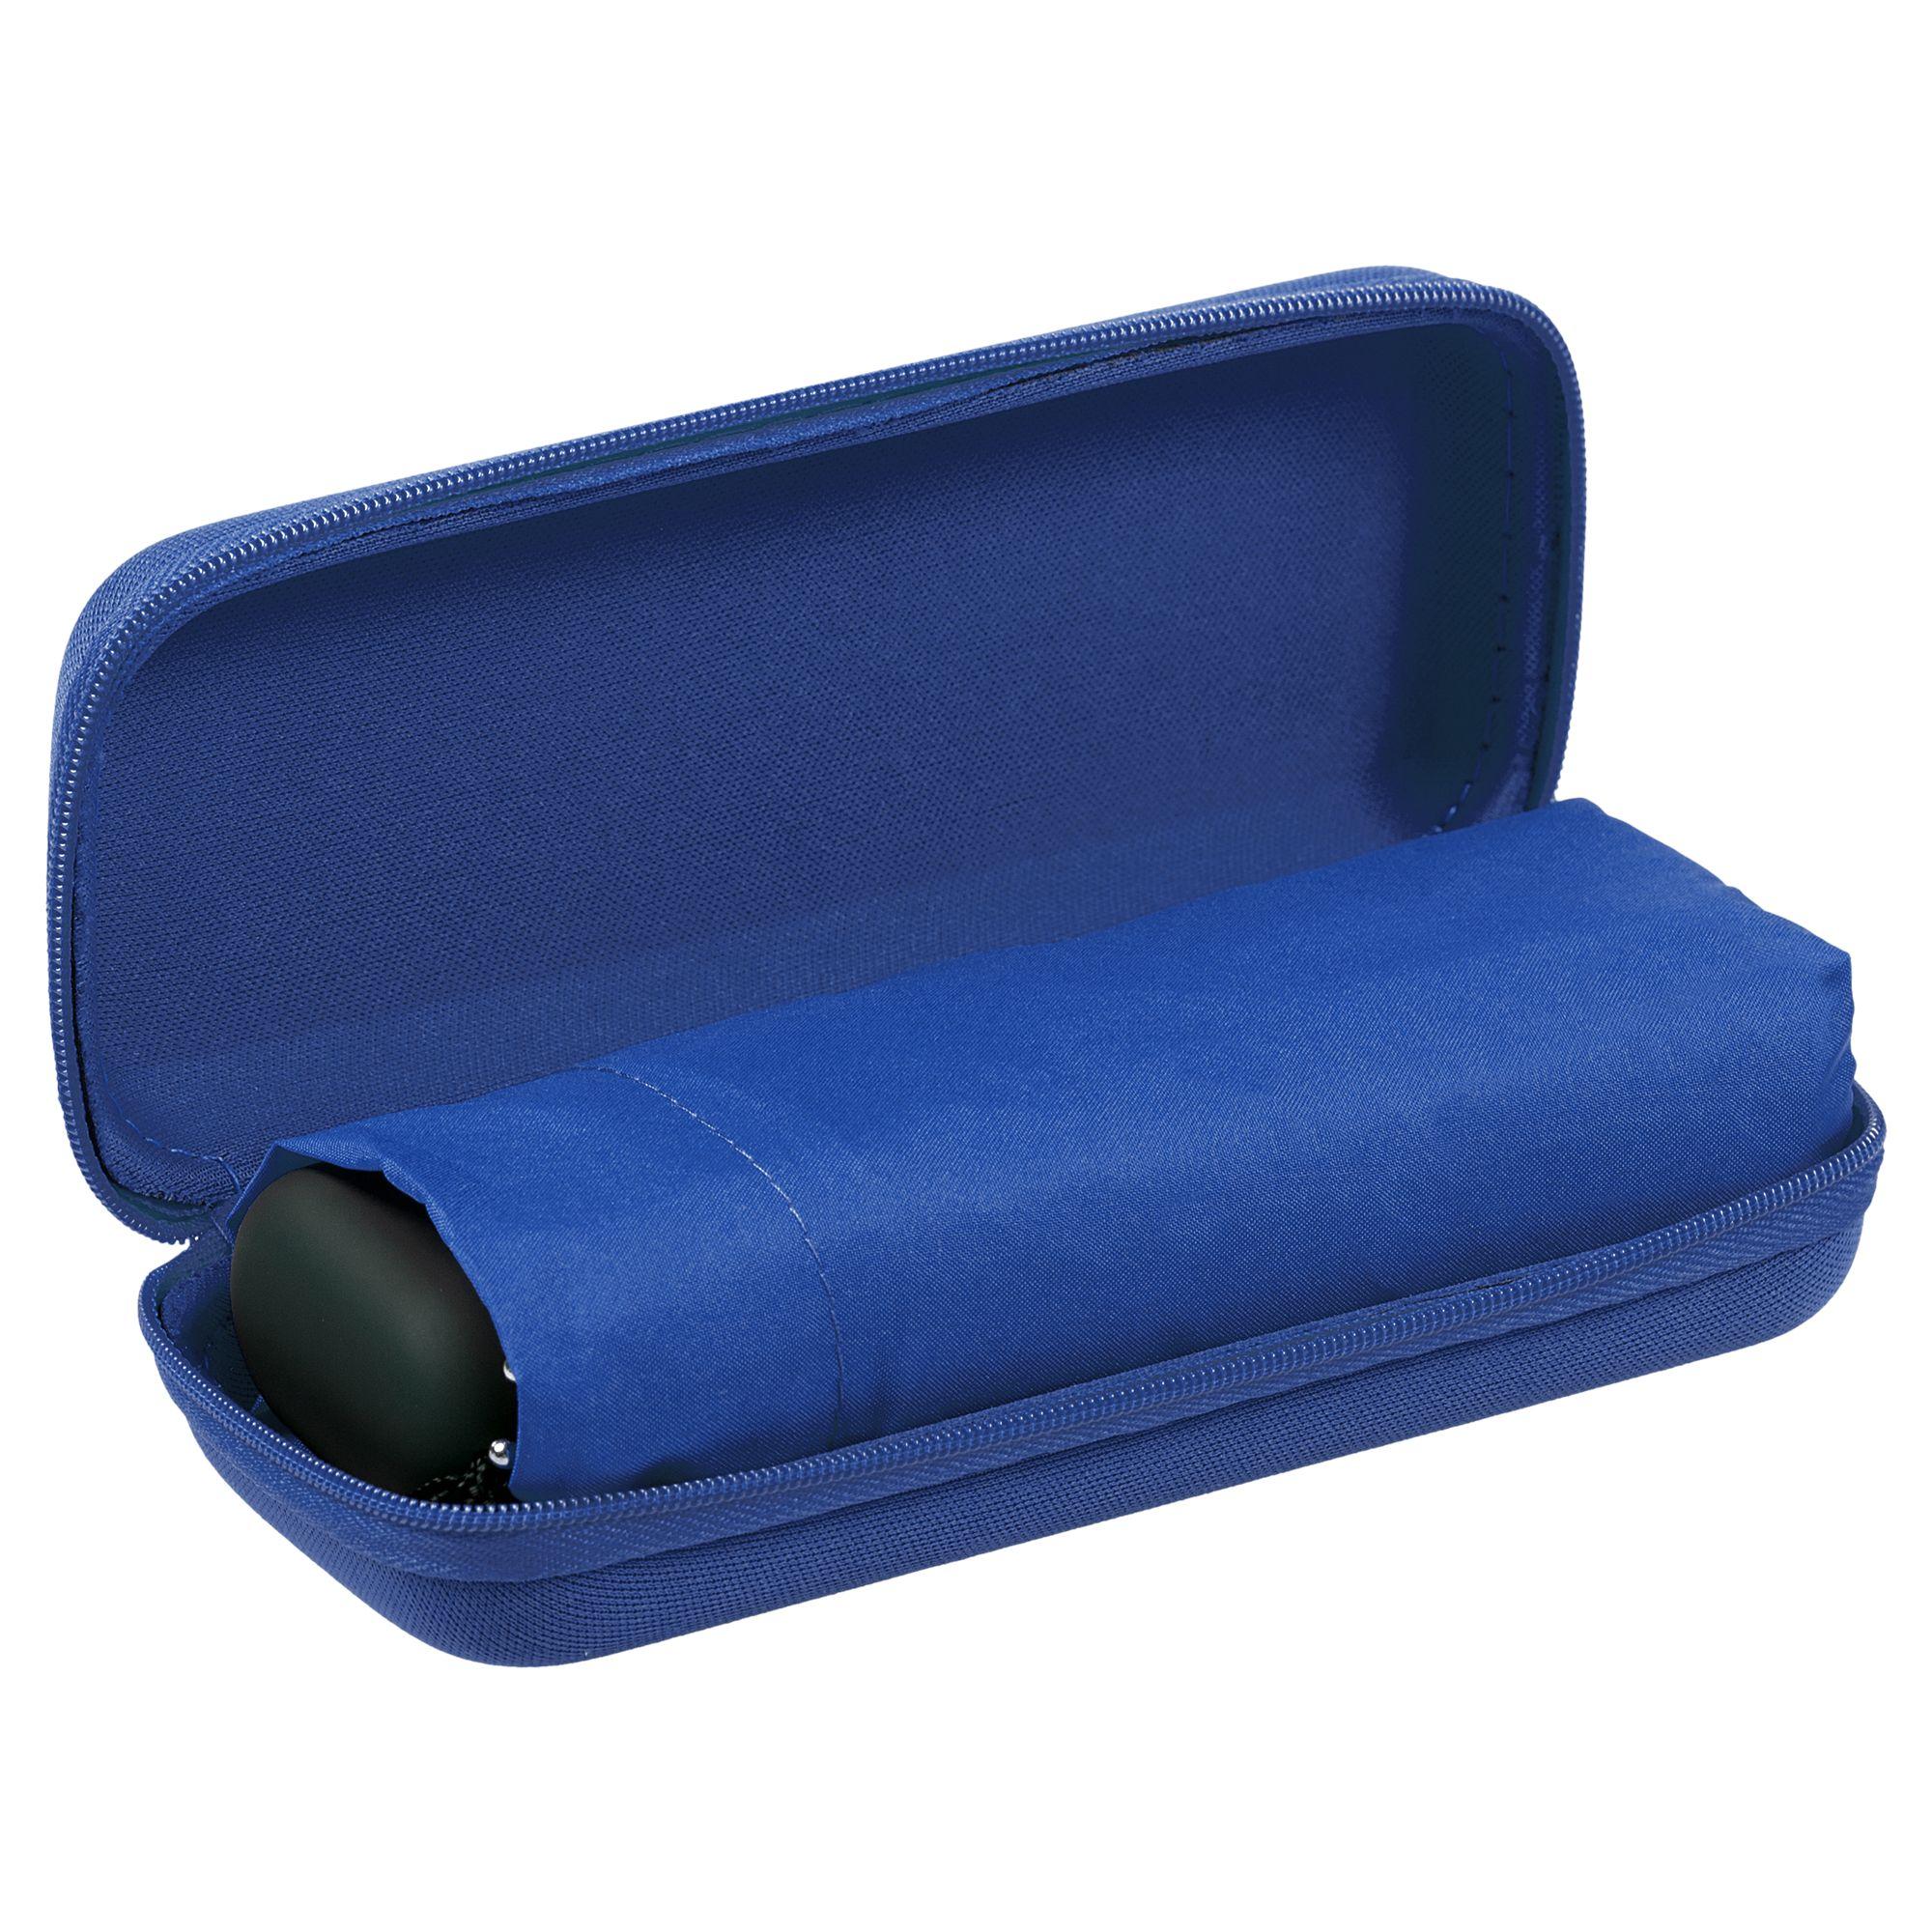 Зонт складной Unit Five, синий в синем чехле